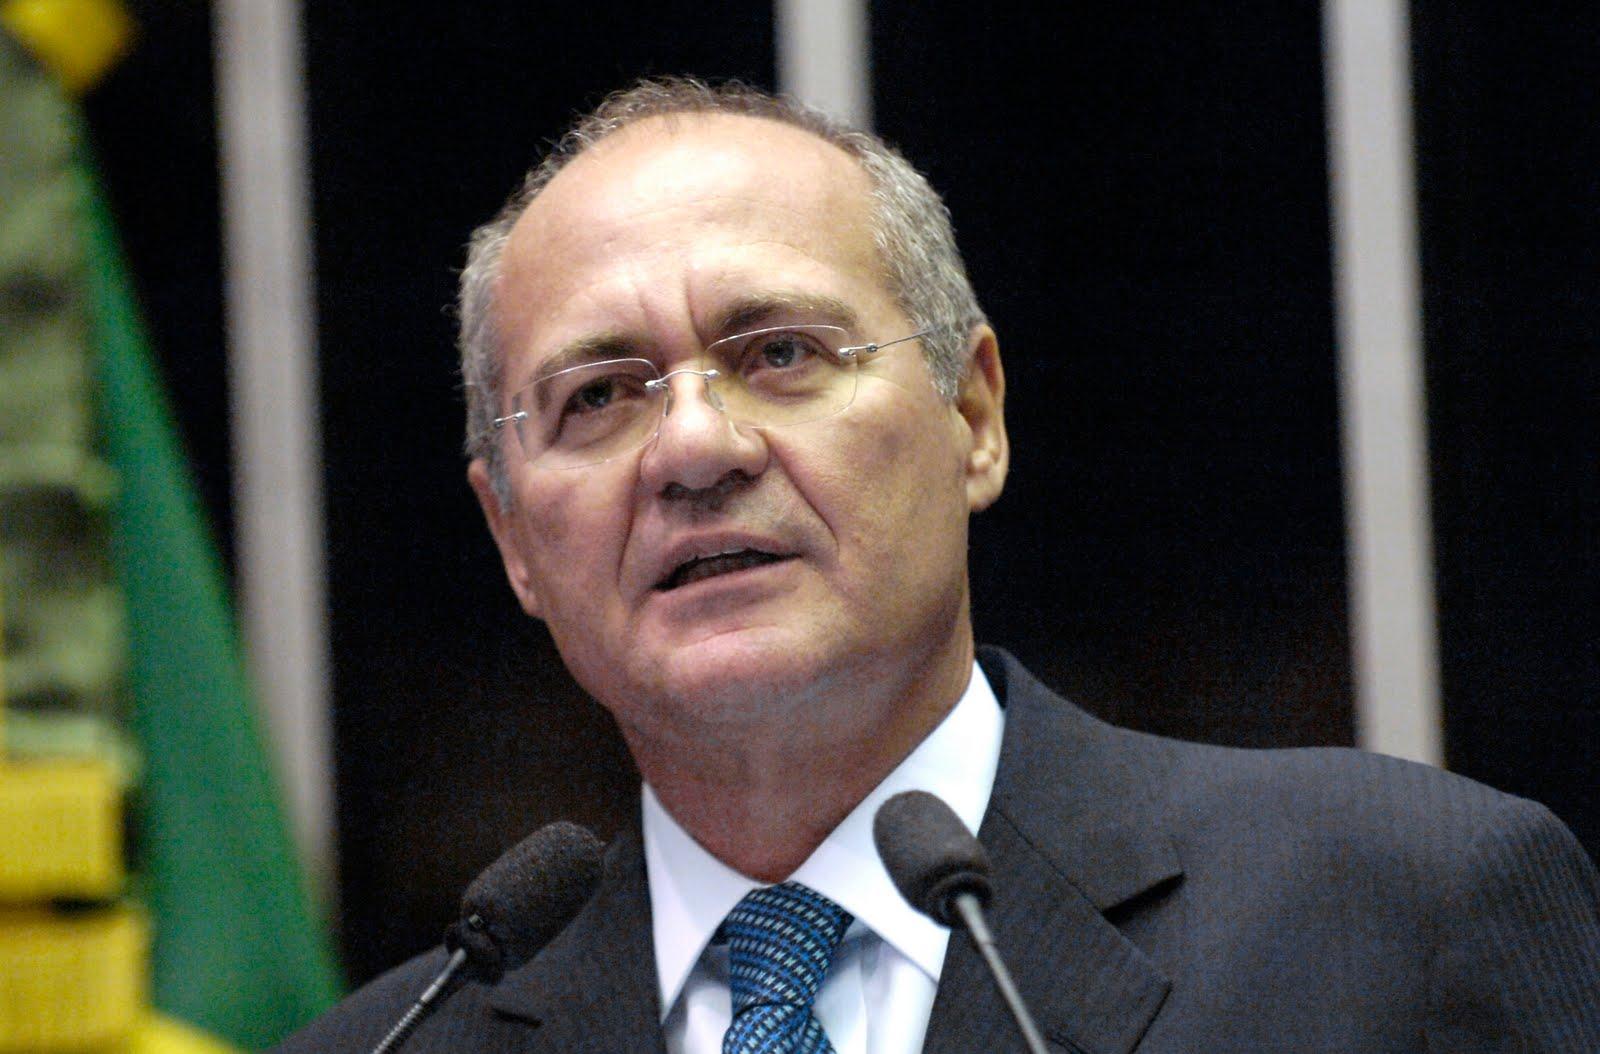 Senado desafia STF e mantém Renan Calheiros na presidência do Congresso Nacional